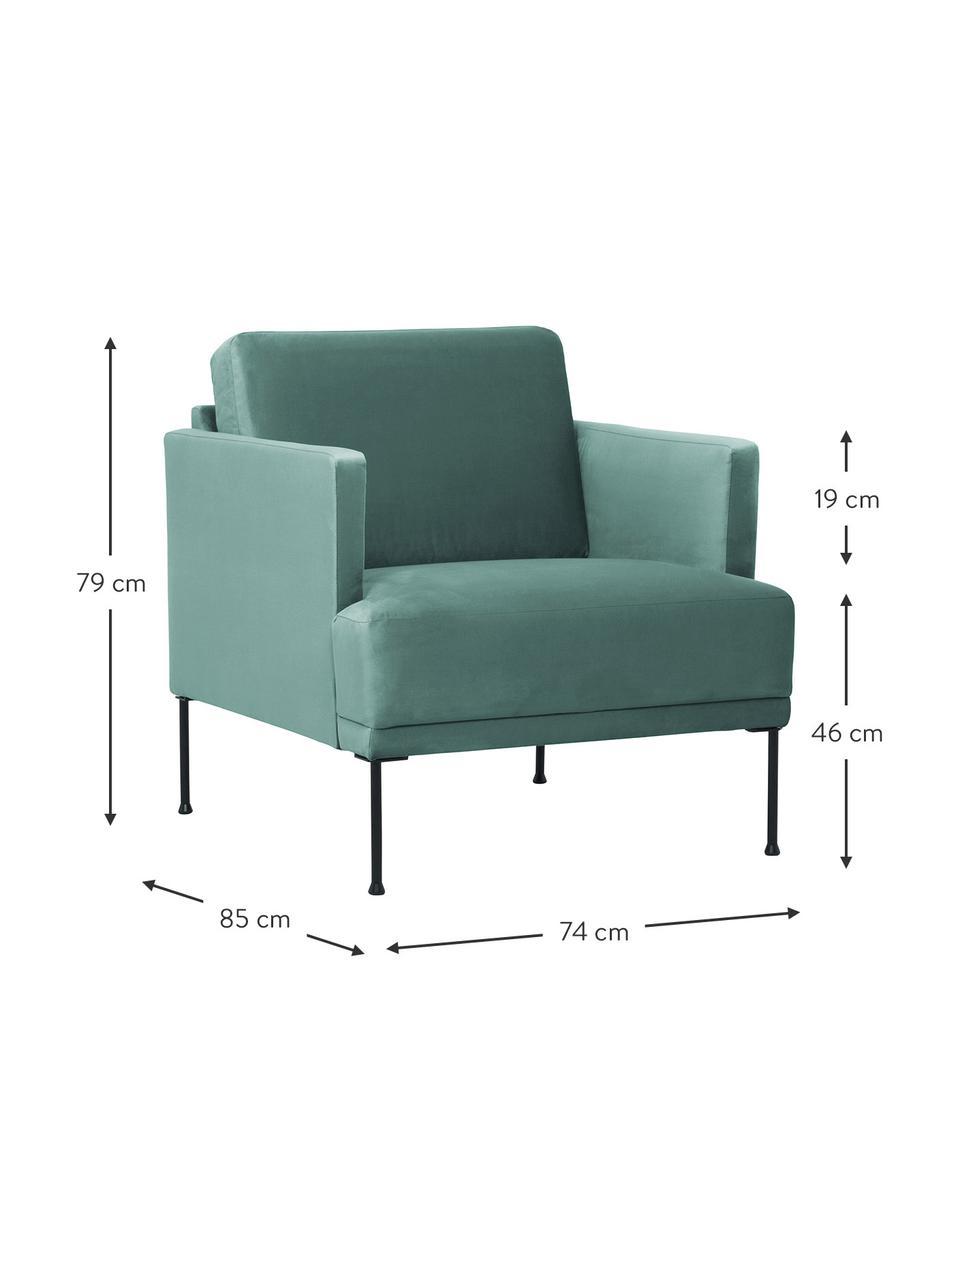 Fotel z aksamitu z metalowymi nogami Fluente, Tapicerka: aksamit (wysokiej jakości, Nogi: metal malowany proszkowo, Aksamitny jasny zielony, S 74 x G 85 cm